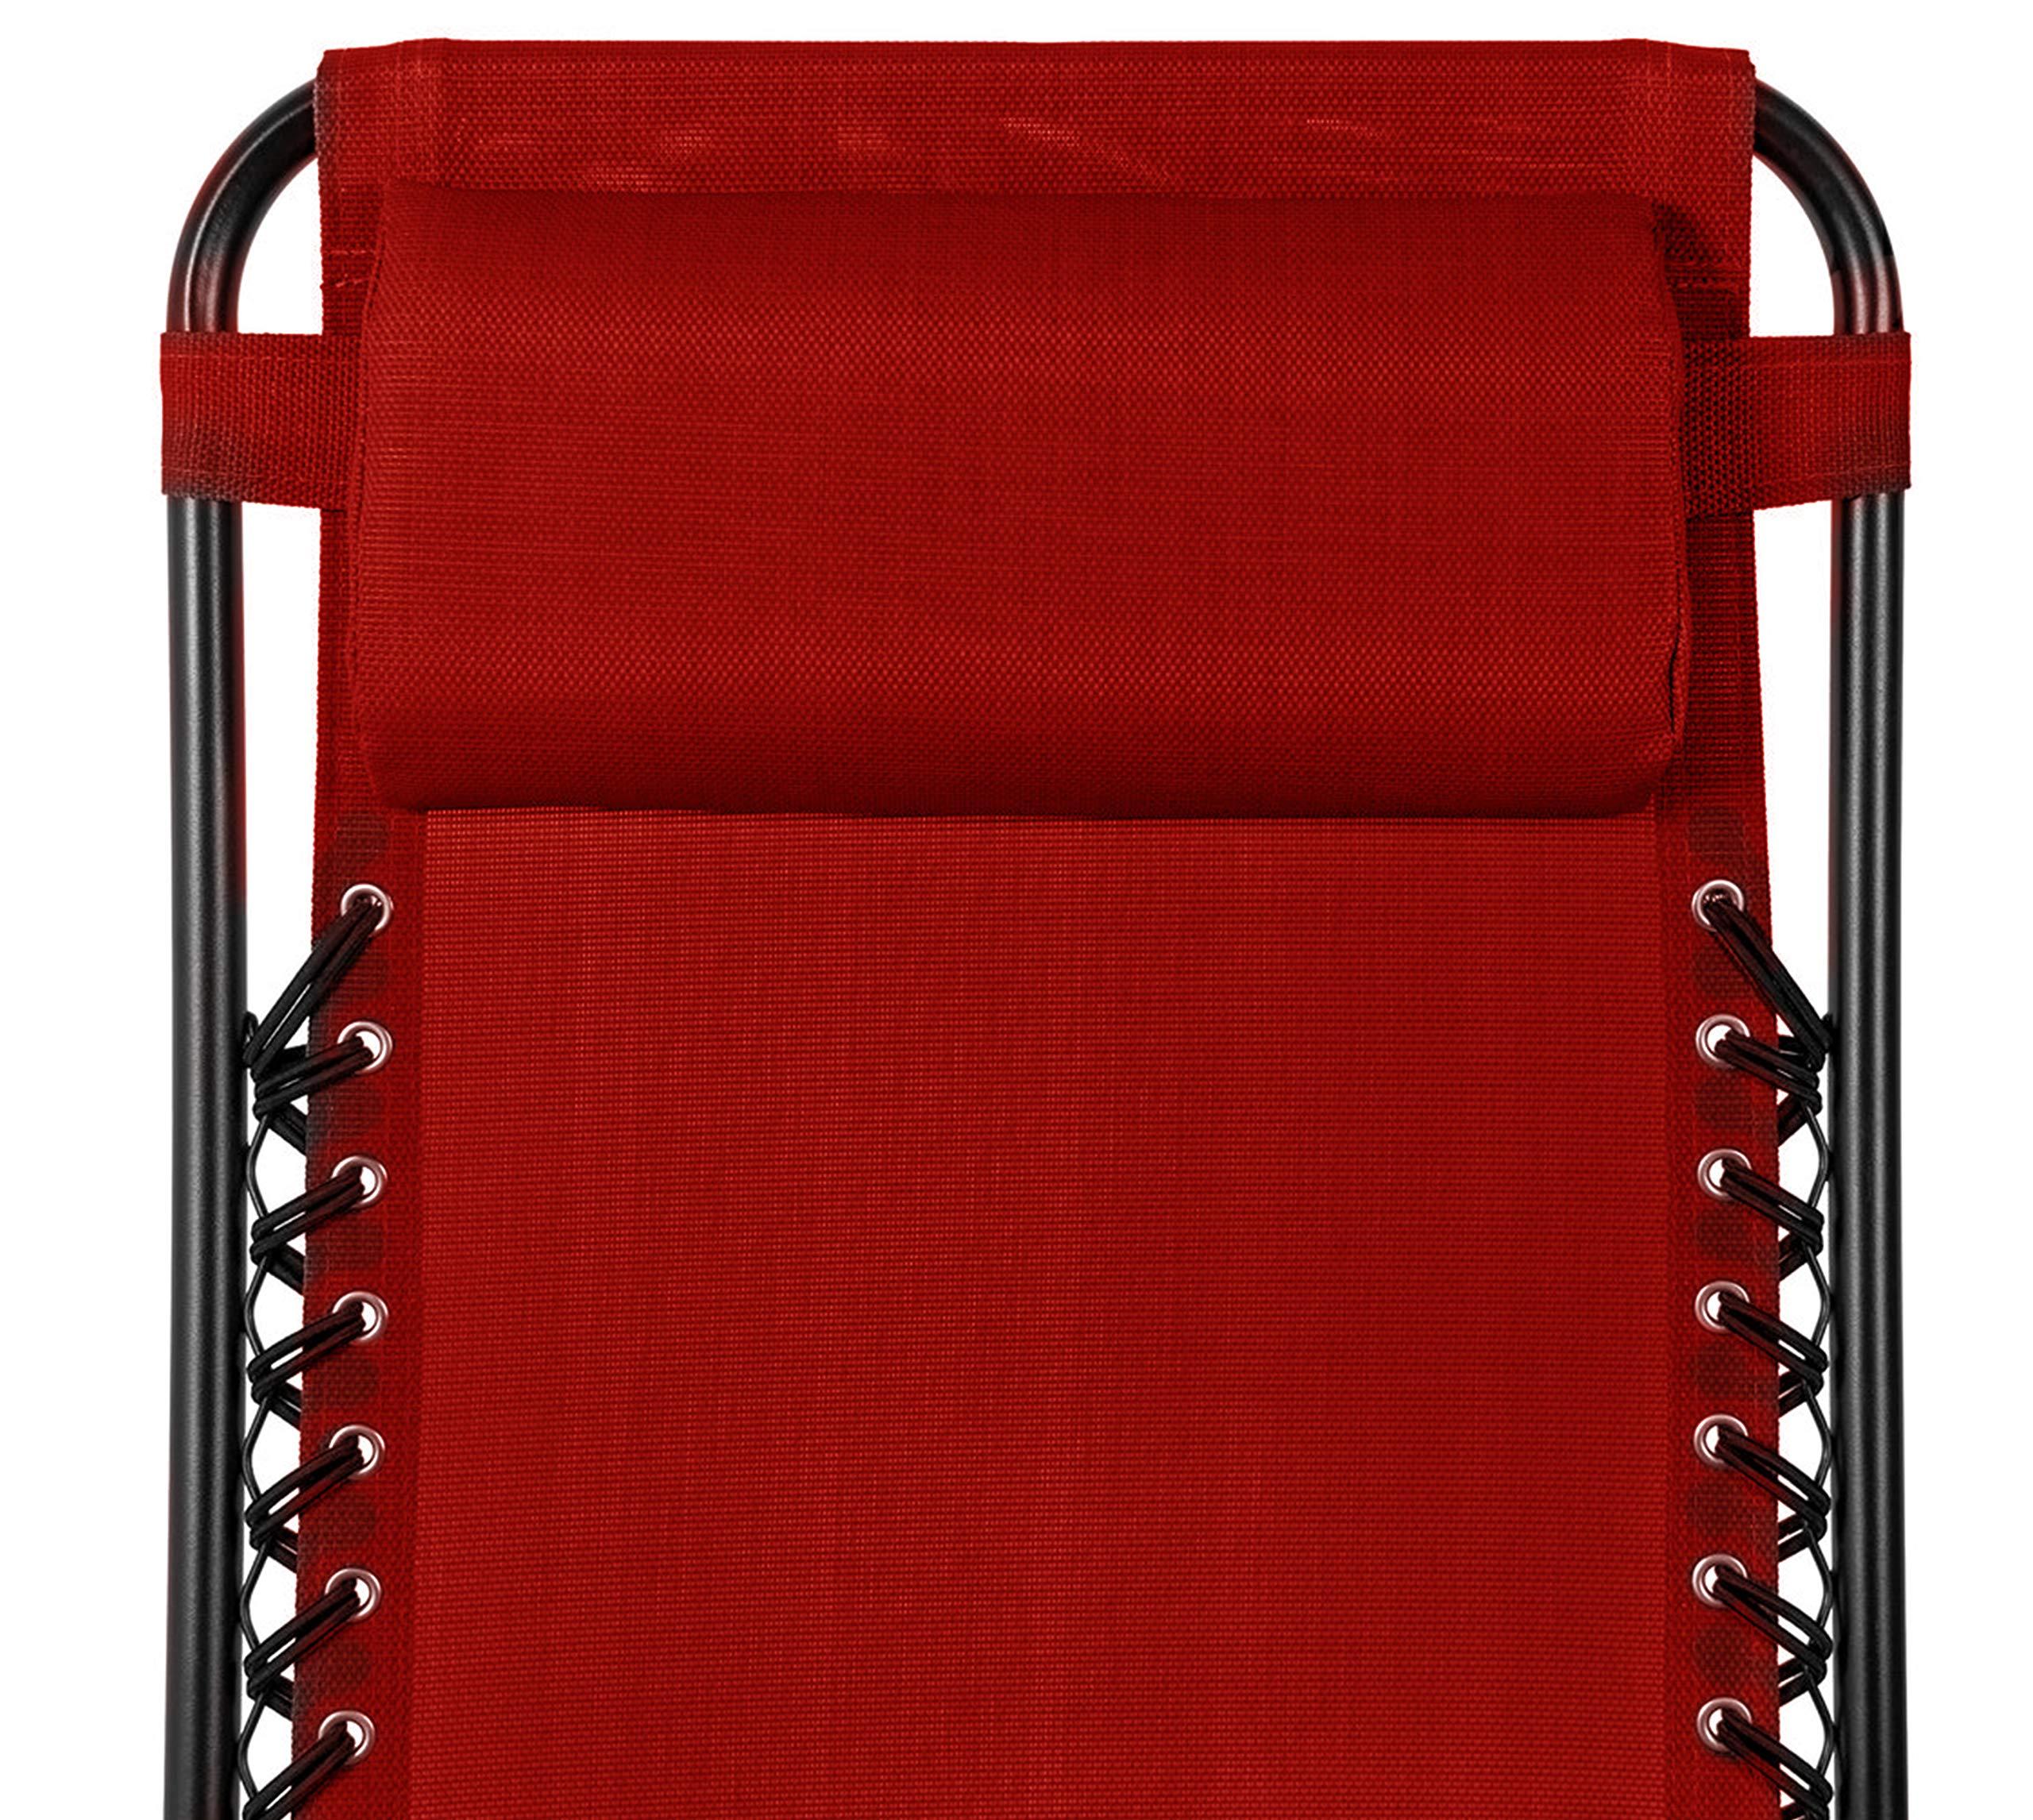 KEPLIN Set of 2 Heavy Duty Zero Gravity Chairs - Red